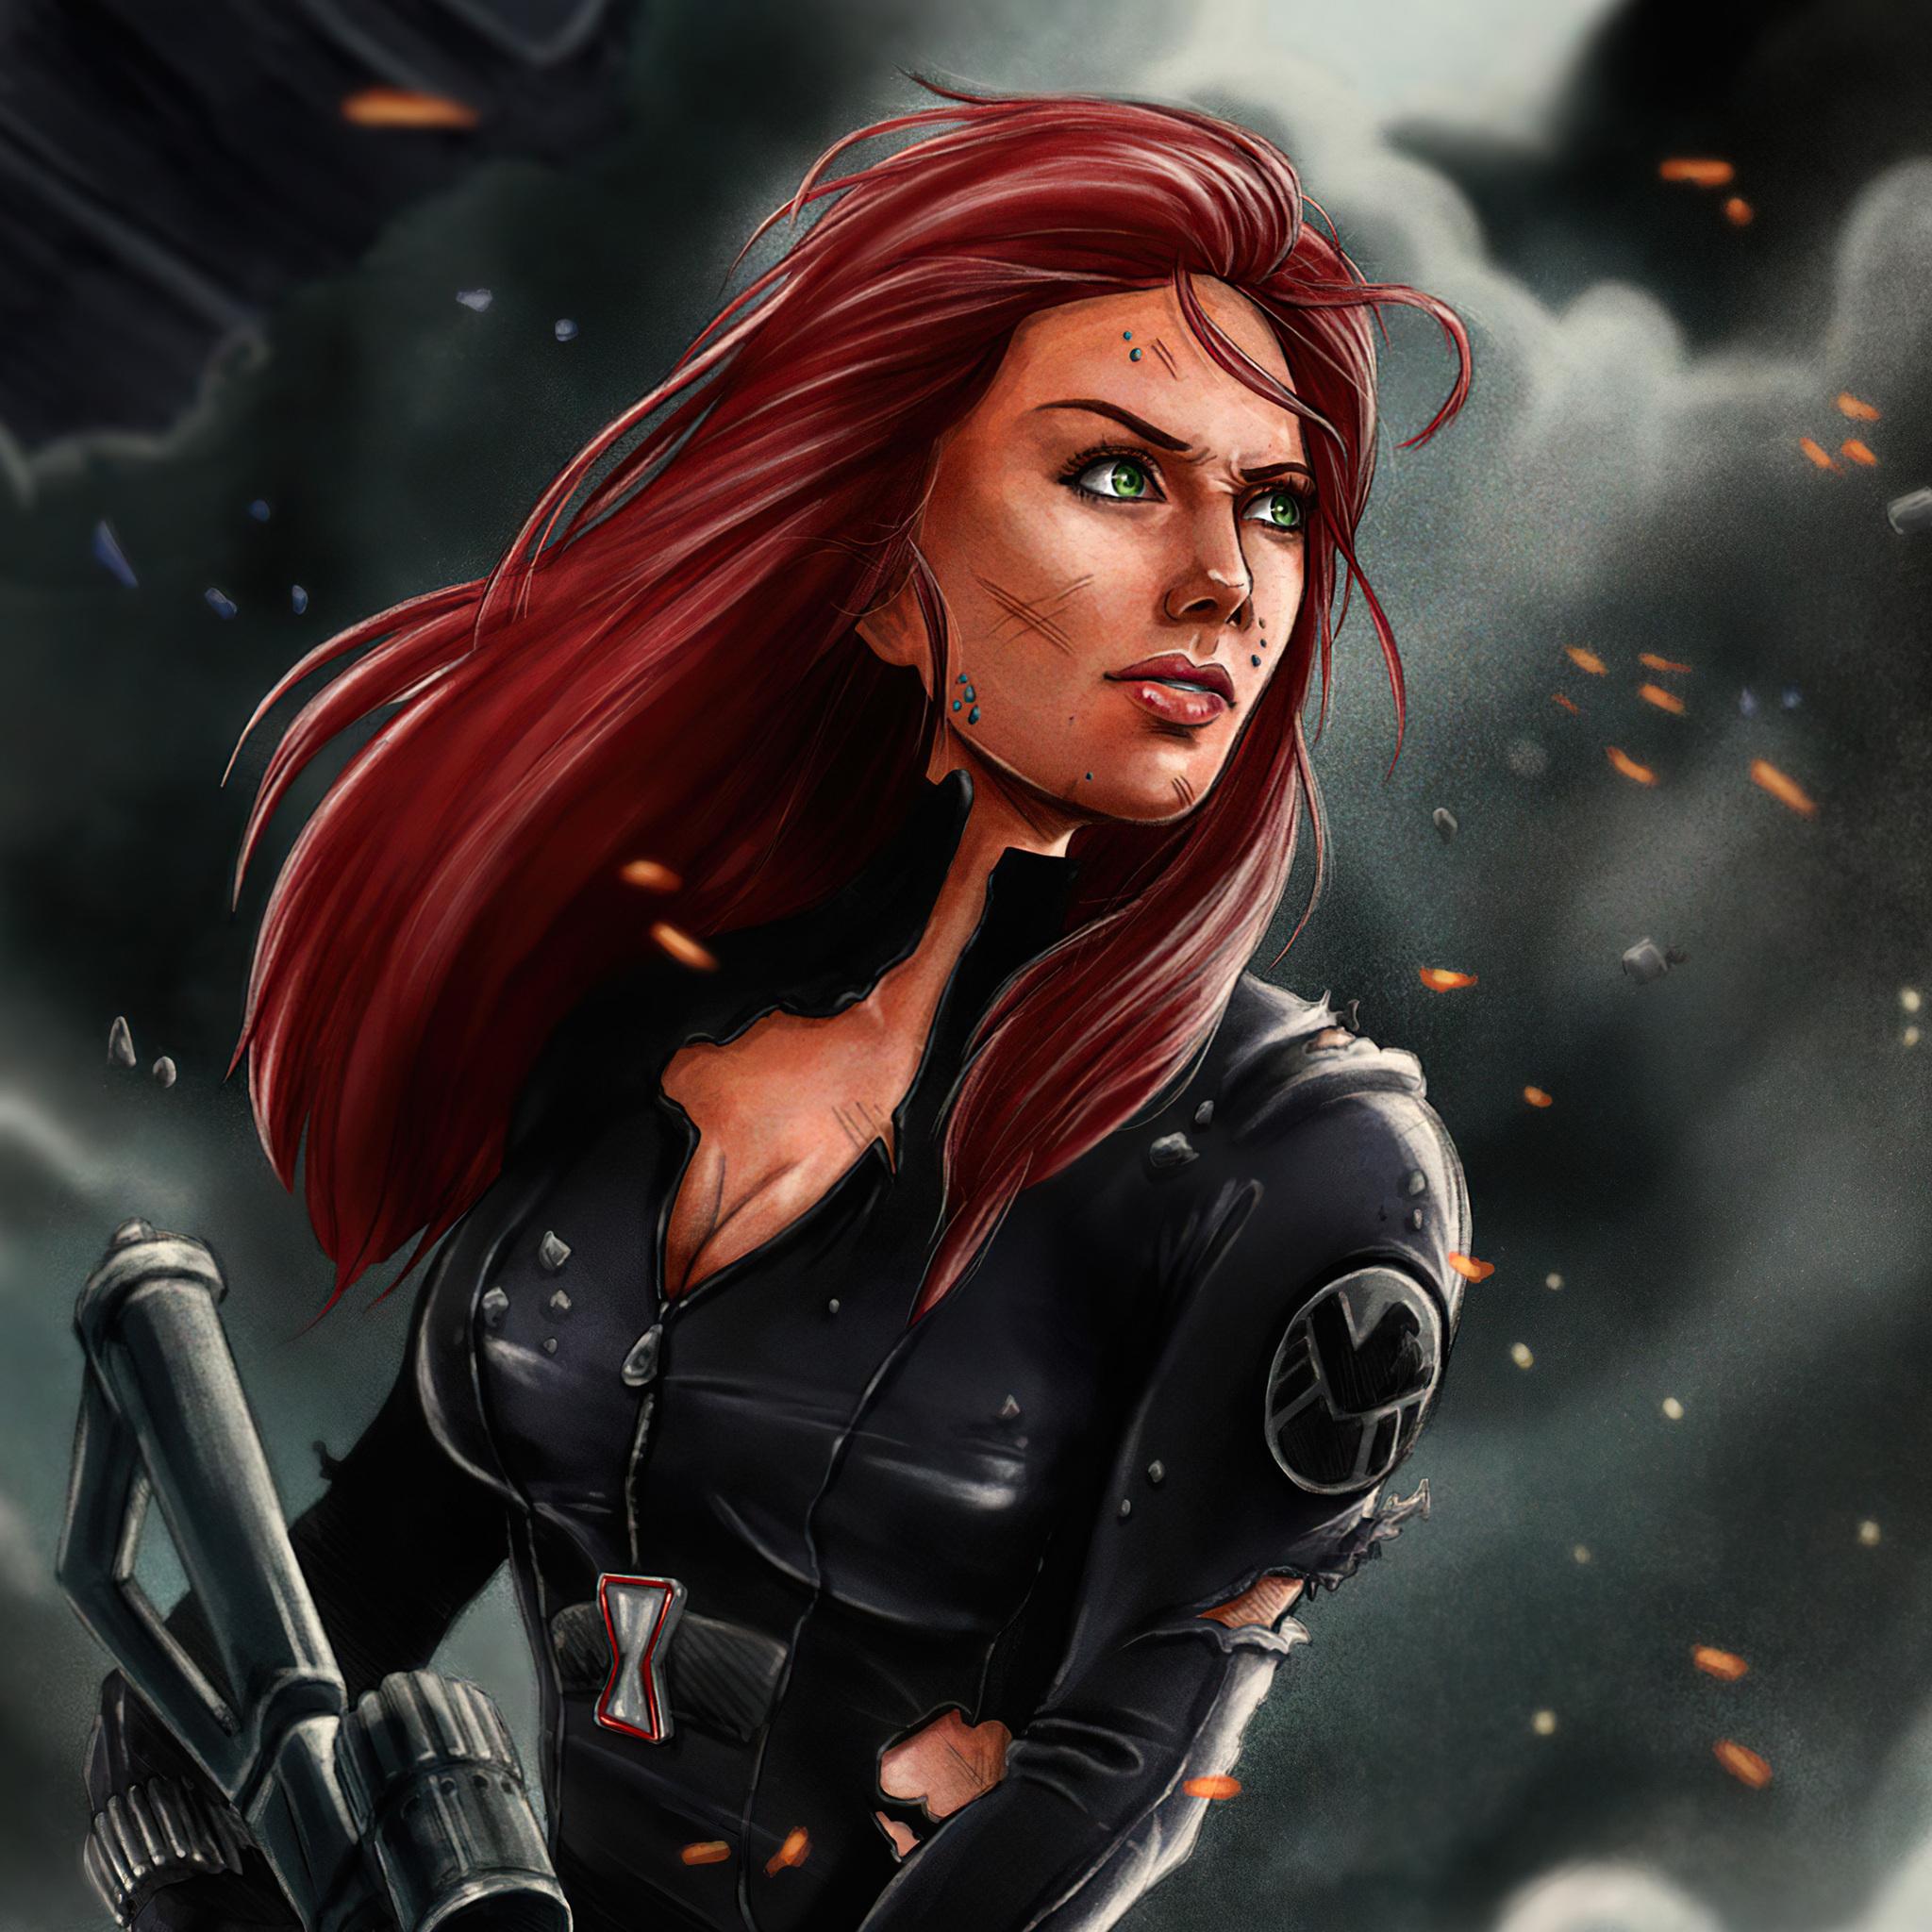 black-widow-marvel-illustration-4k-jn.jpg